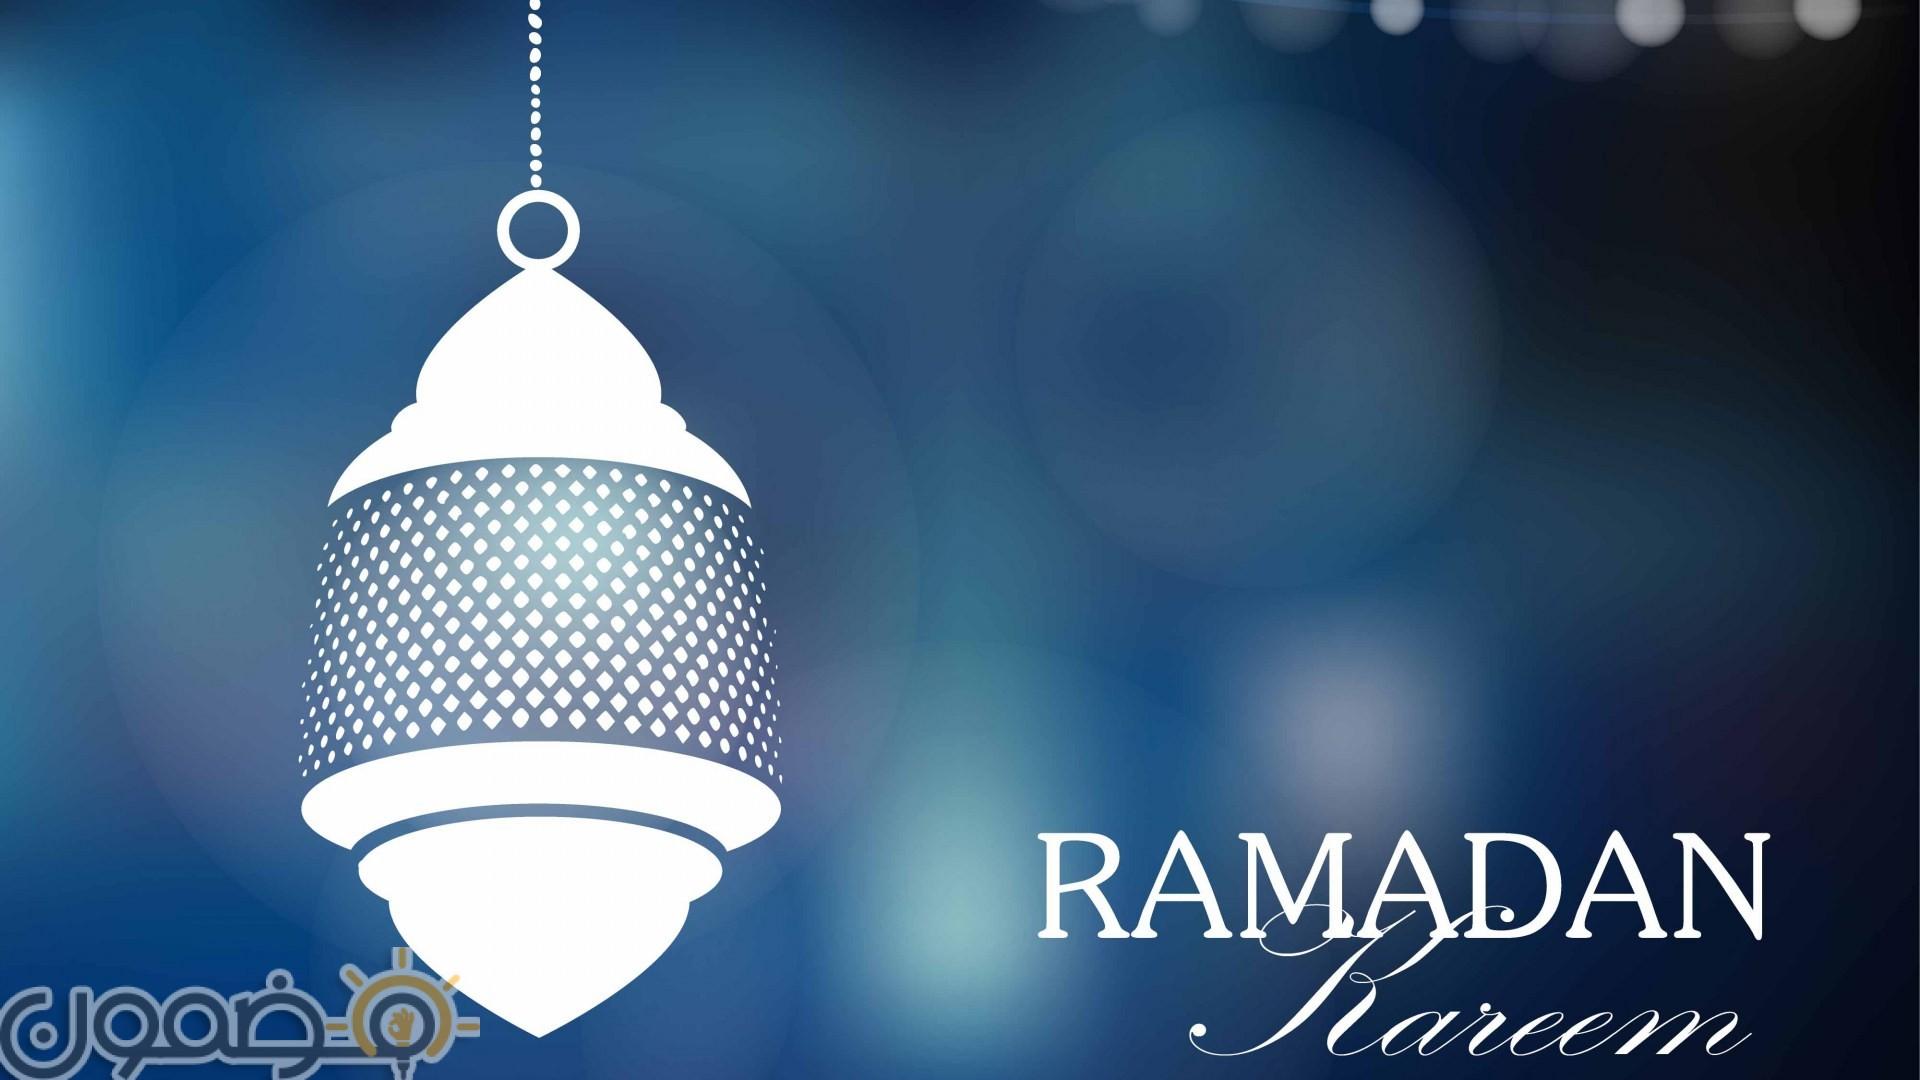 خلفيات رمضان كريم تويتر 3 خلفيات رمضان كريم تويتر تويتات رمضانية